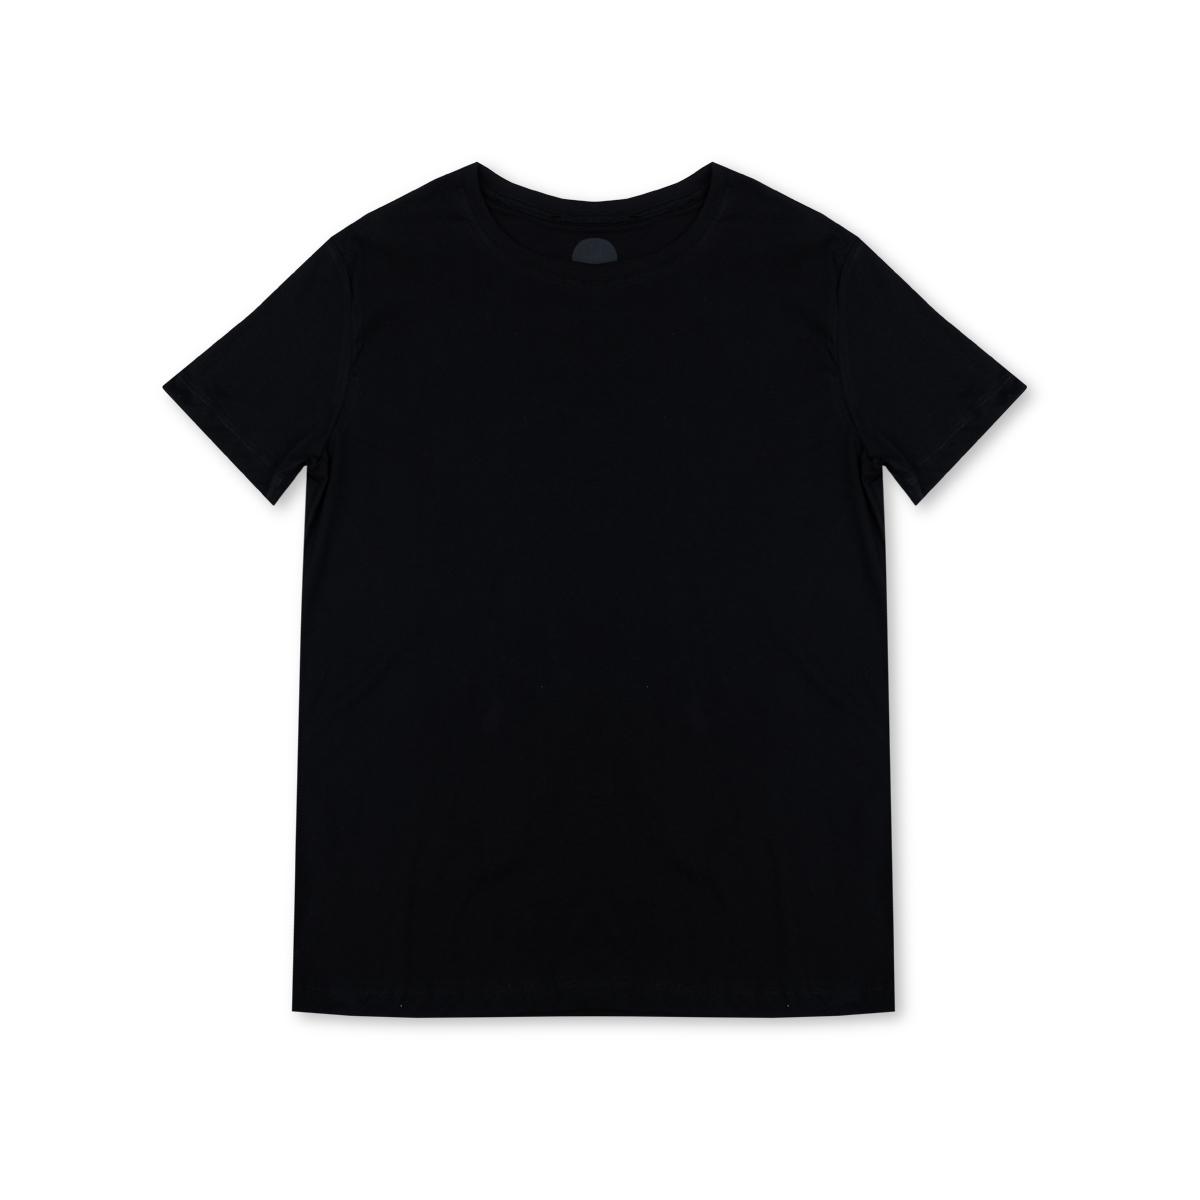 Camiseta Classic Fio40 - Preto